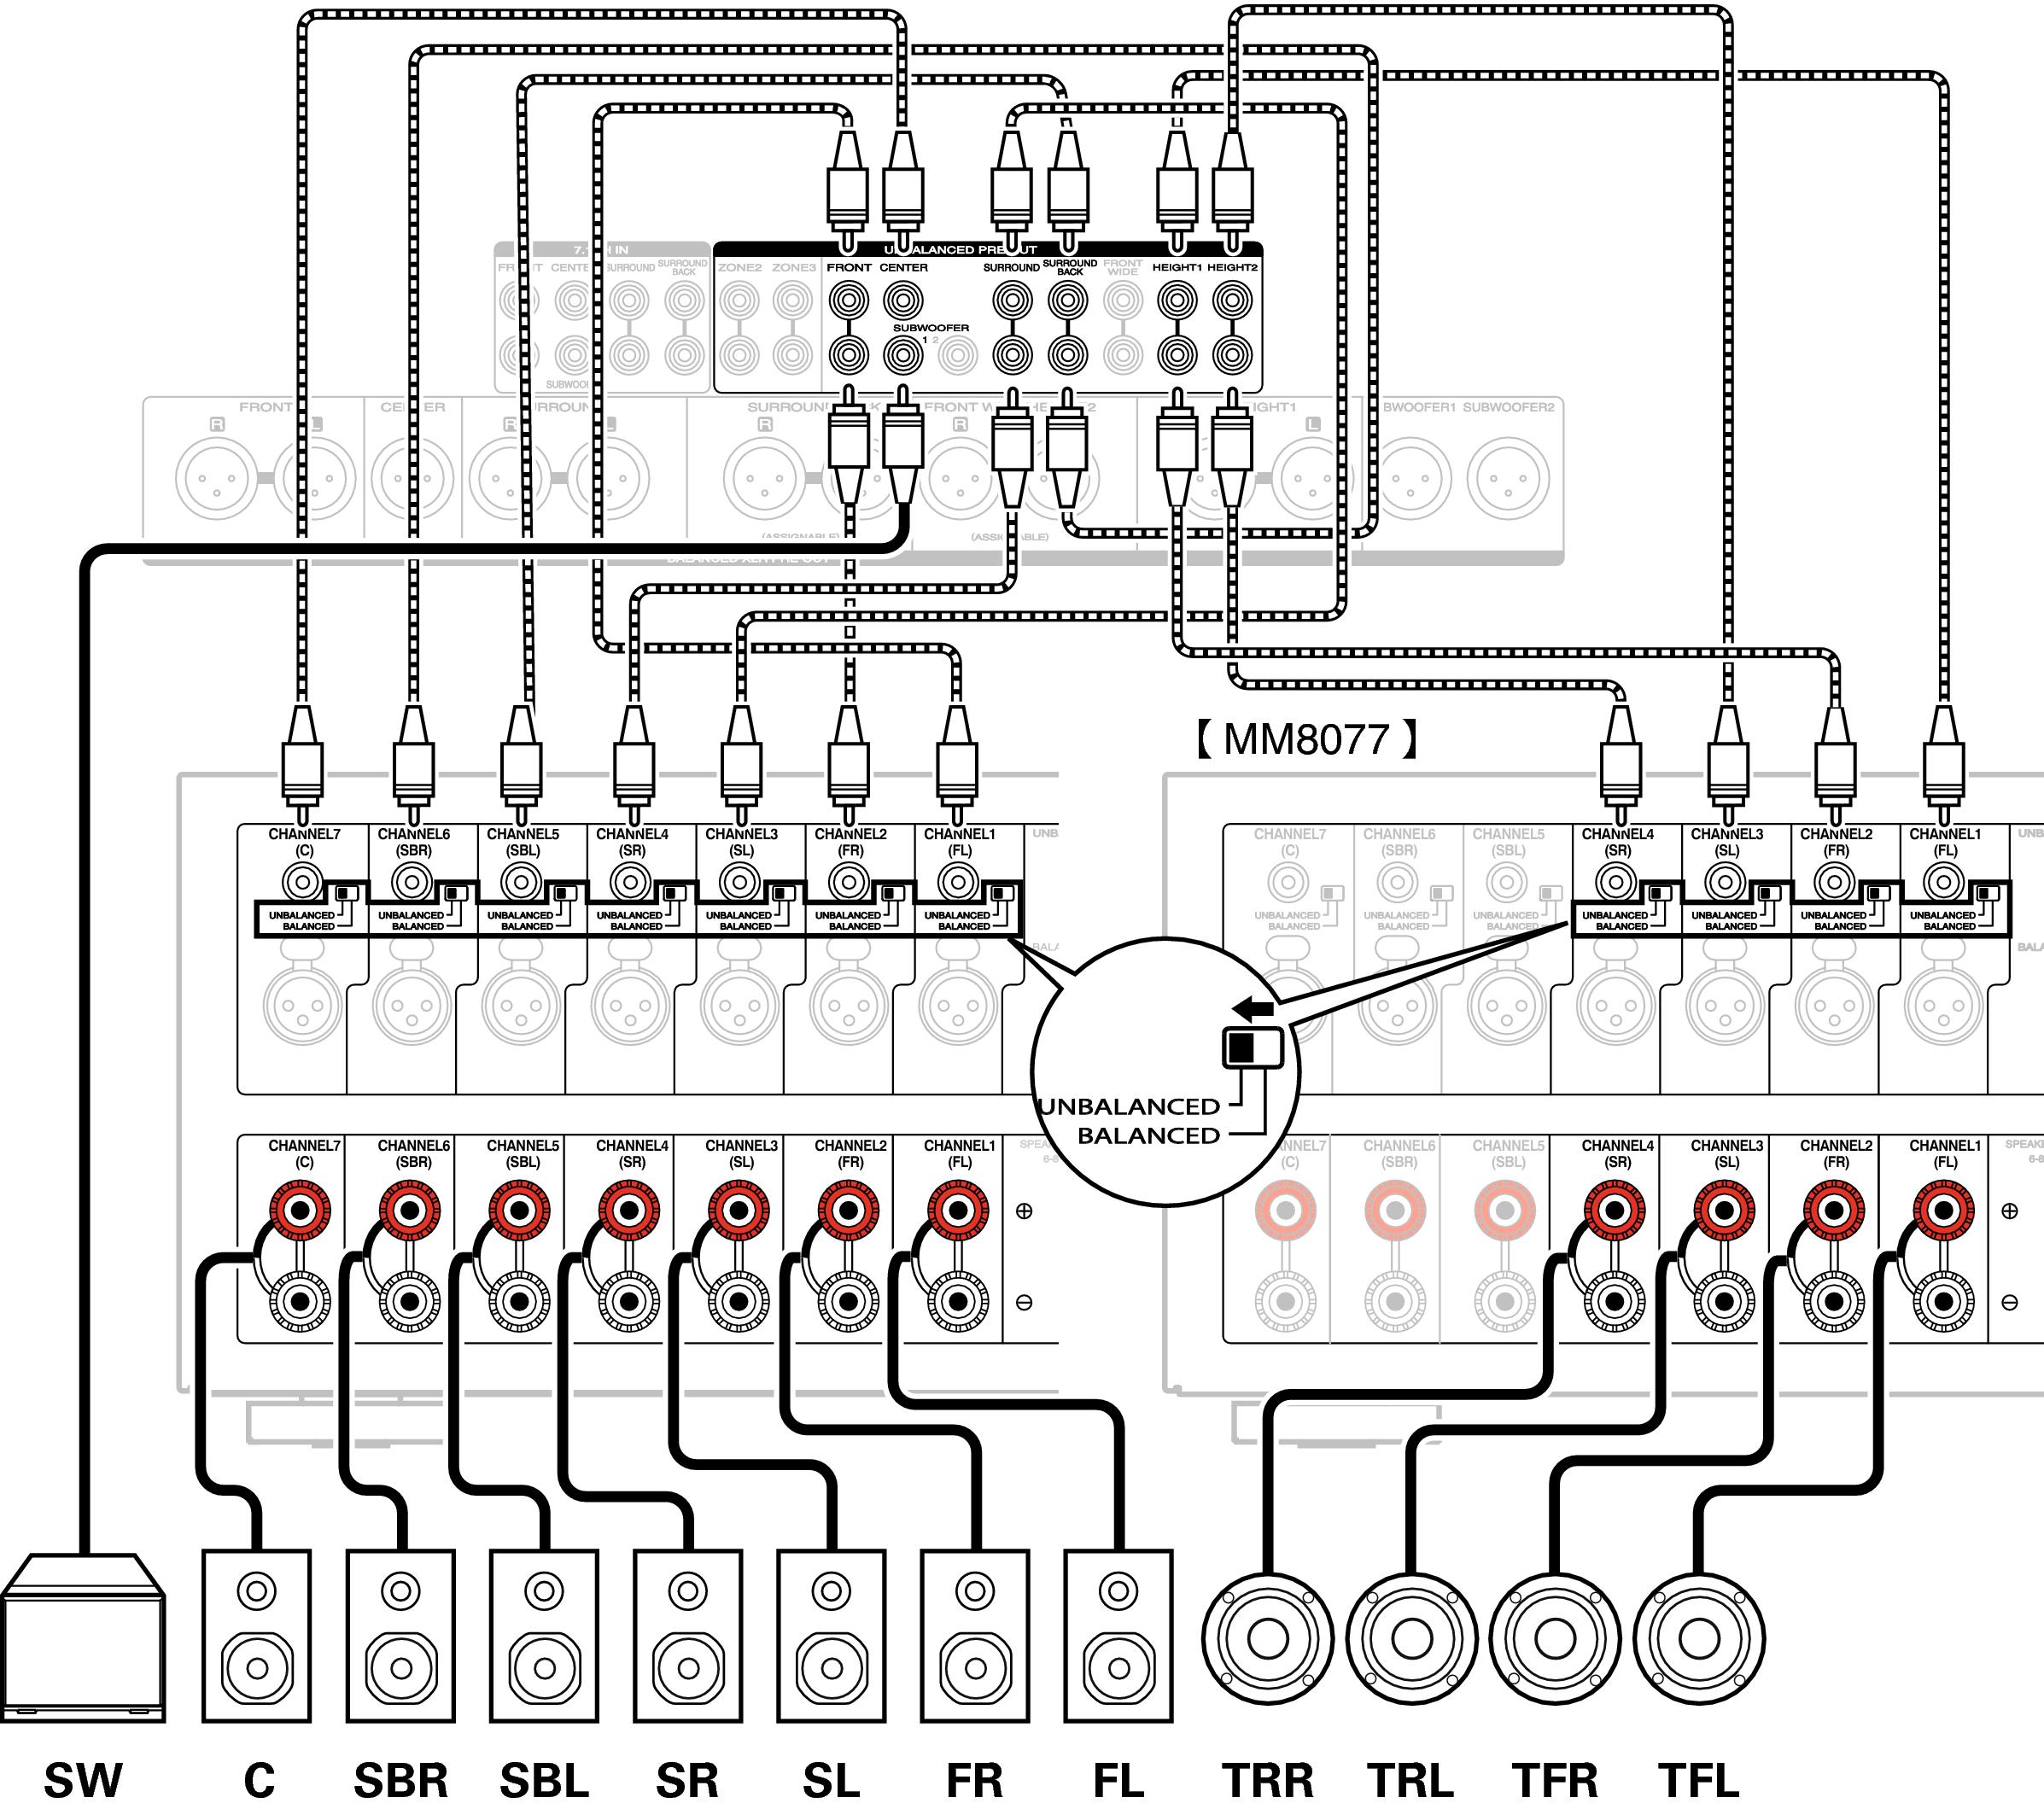 bi amp bi wire hookup Hej, jeg skal til at investere i nye højttalere hvor der er mulighed for bi-amping eller bi-wiring, og jeg ved at bi-amping er når højttalerterminalerne er tilsluttet hver sin forstærkerkreds, sådan at feks diskant og mellemtone bliver styret af en.